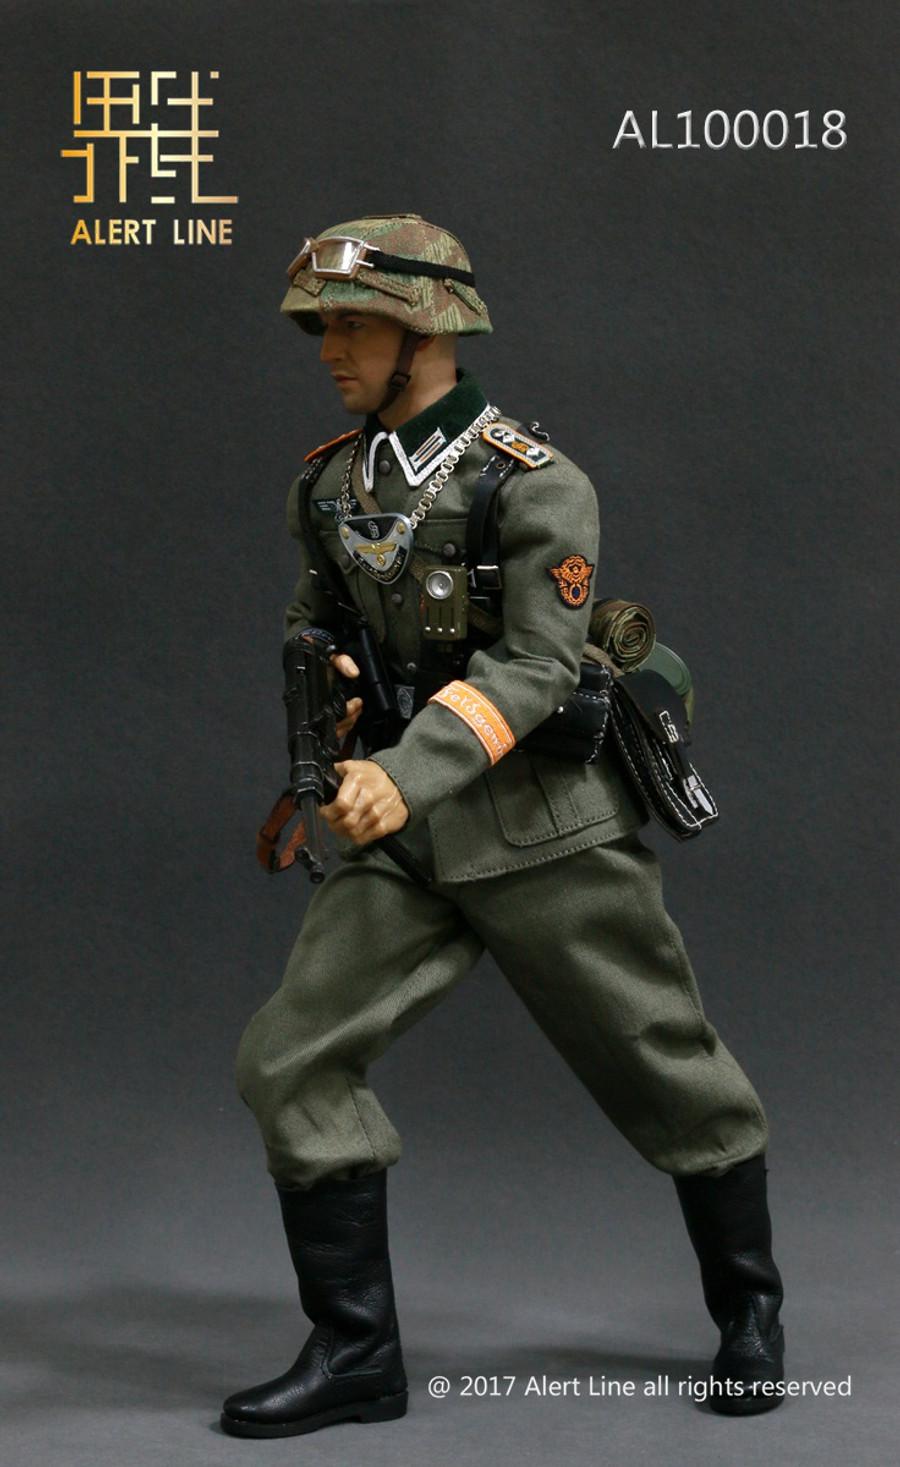 Alert Line - WWII German Grossdeutschland Division(GD) Armband Equipment Set